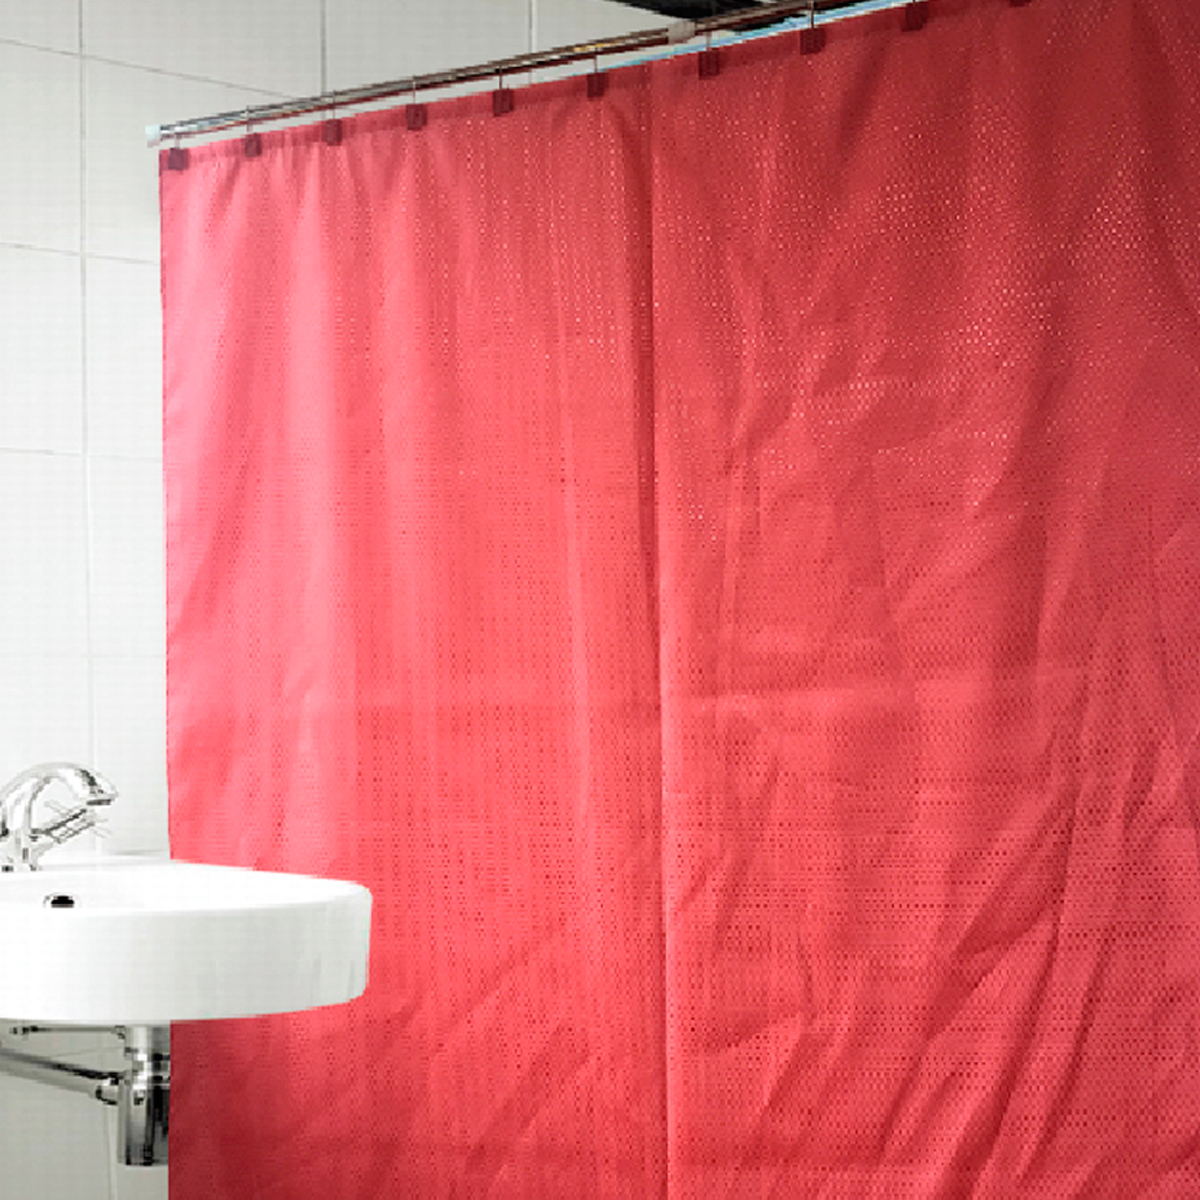 Купить Шторы и карнизы Arya, Шторы для ванной Celeste Цвет: Розовый, Турция, Красный, Полиэстер